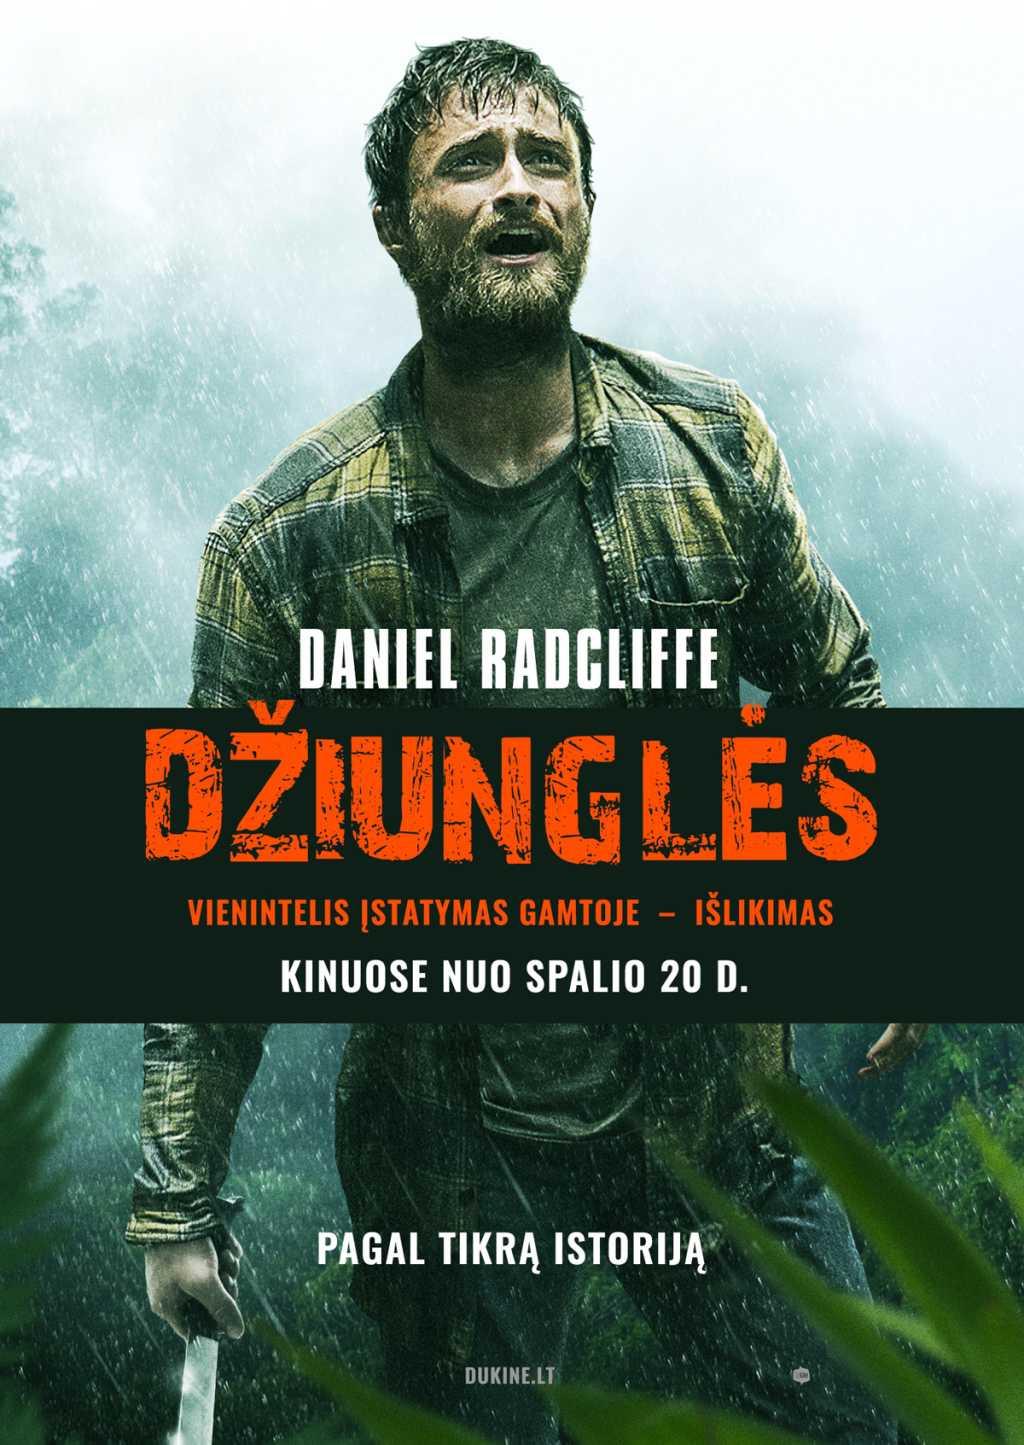 DŽIUNGLĖS (Jungle)